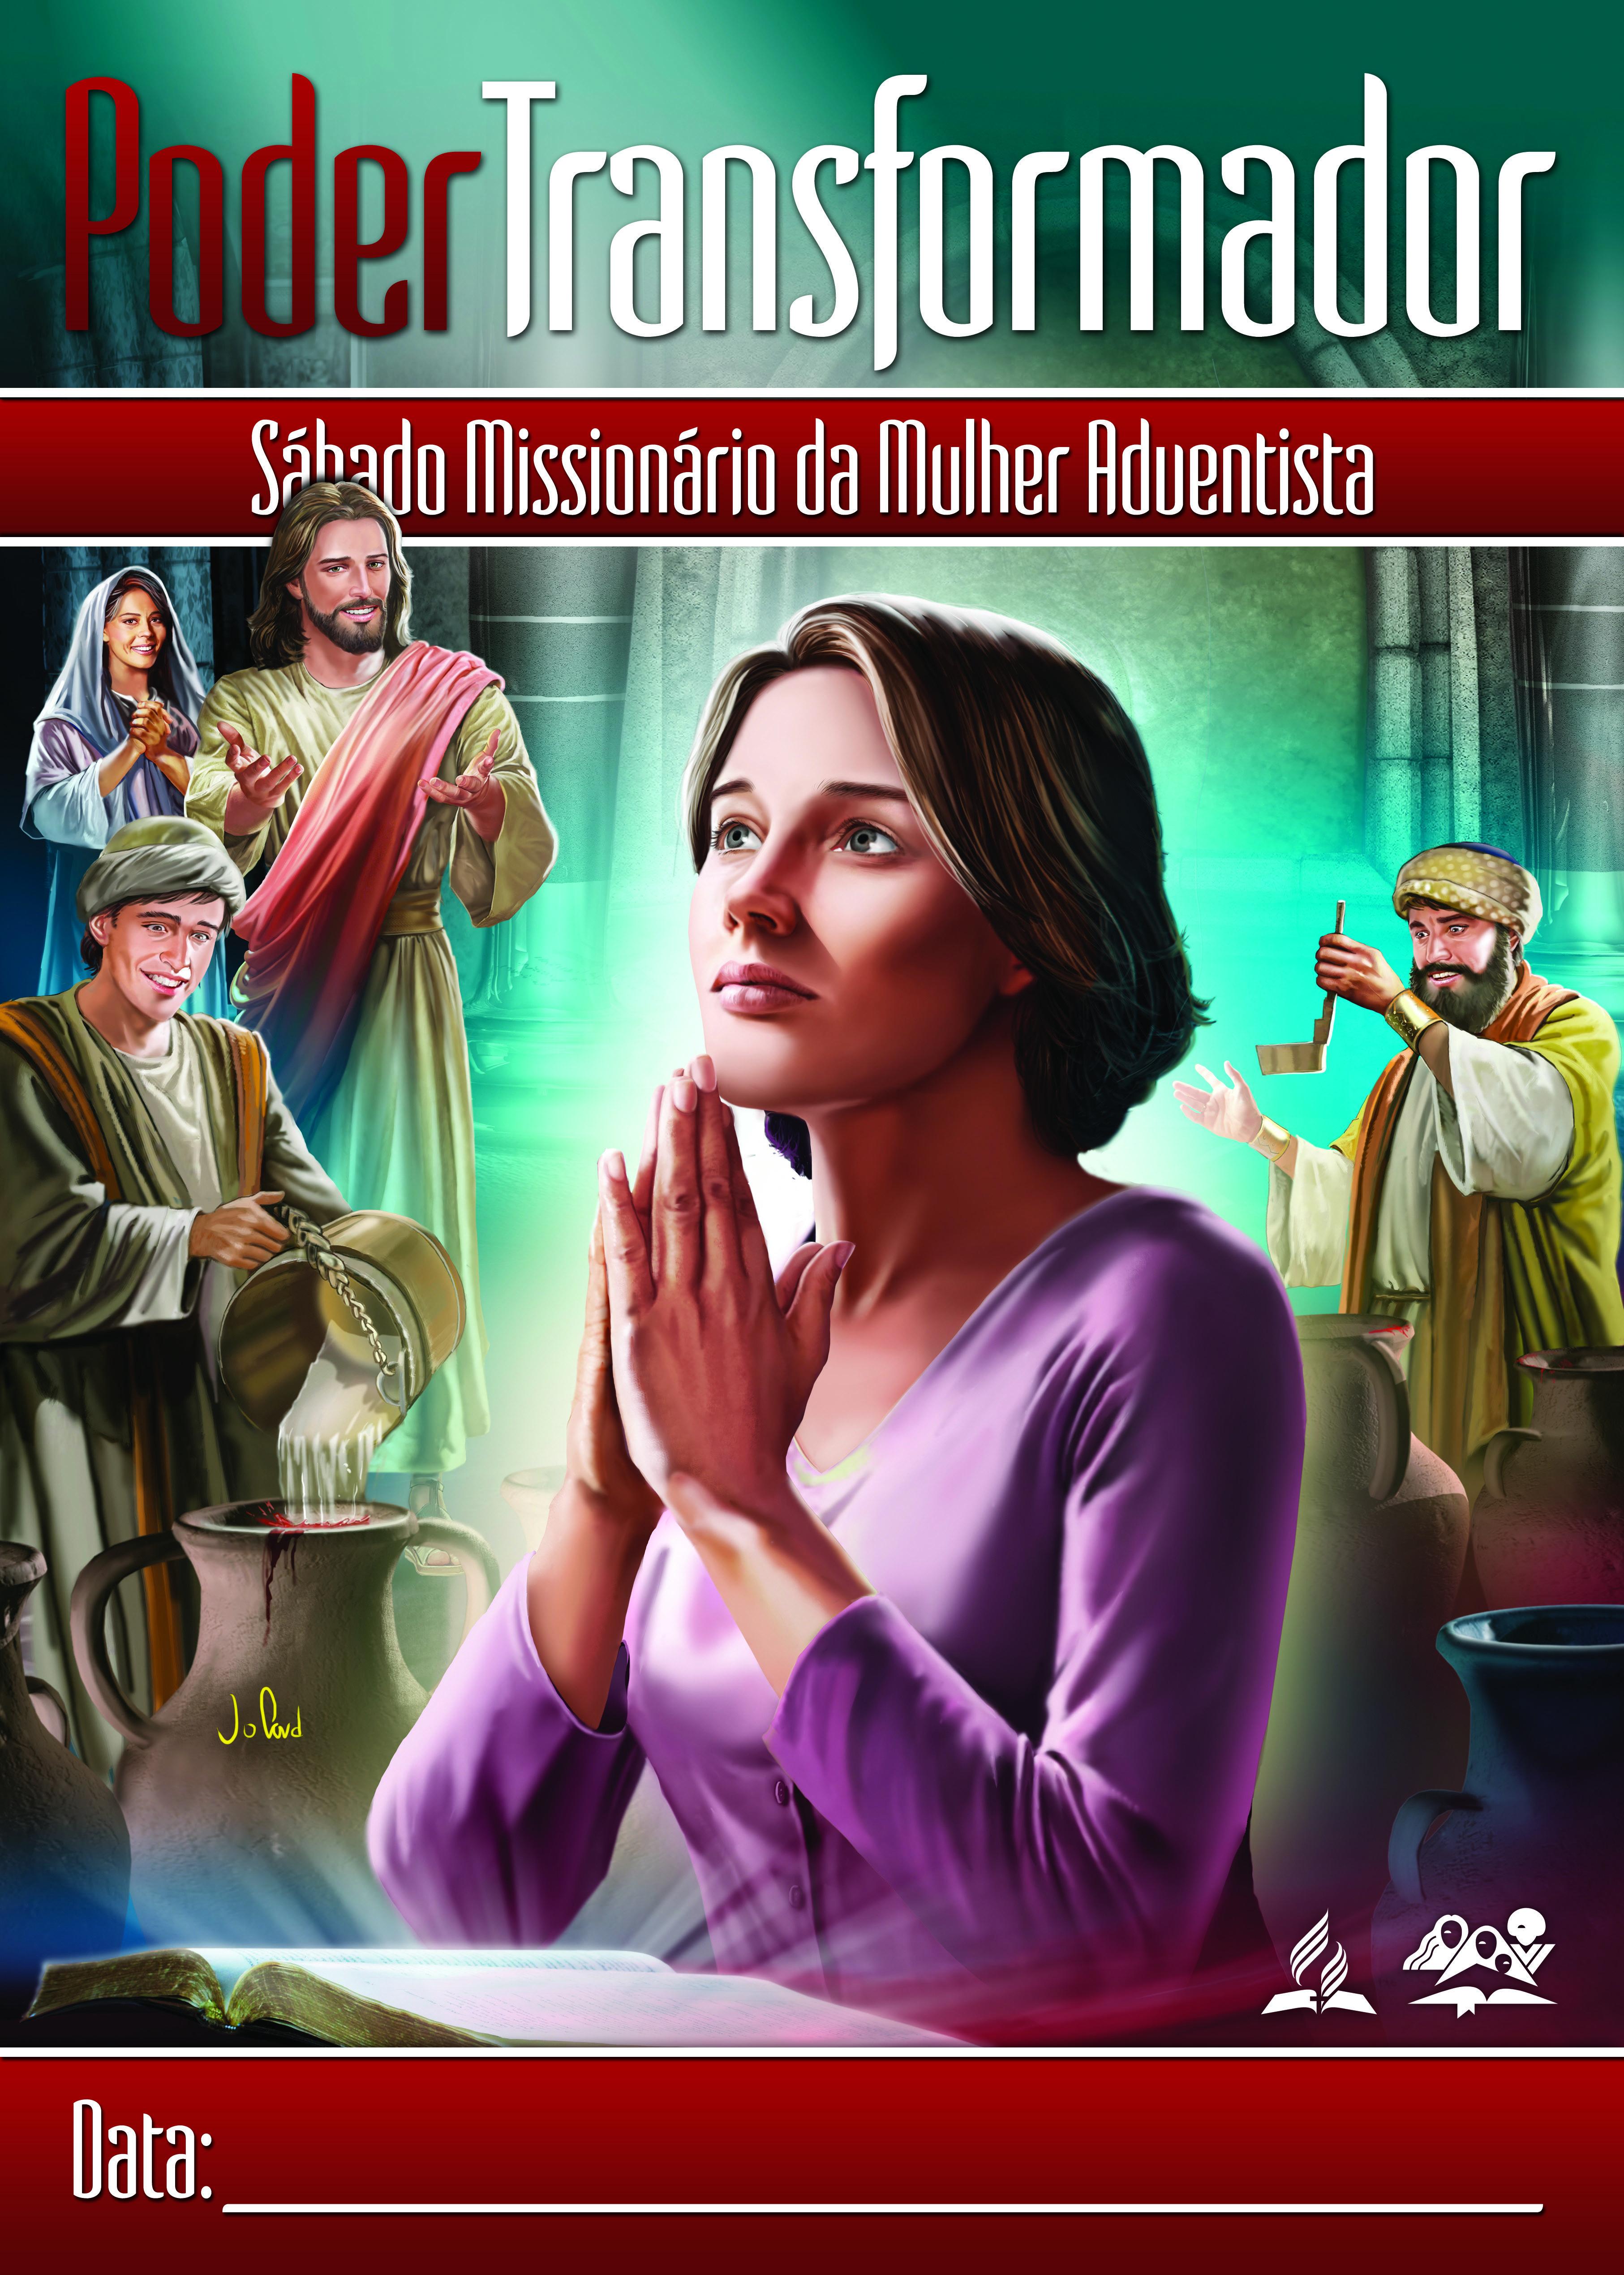 Sábado Missionário 2013 – Folheto